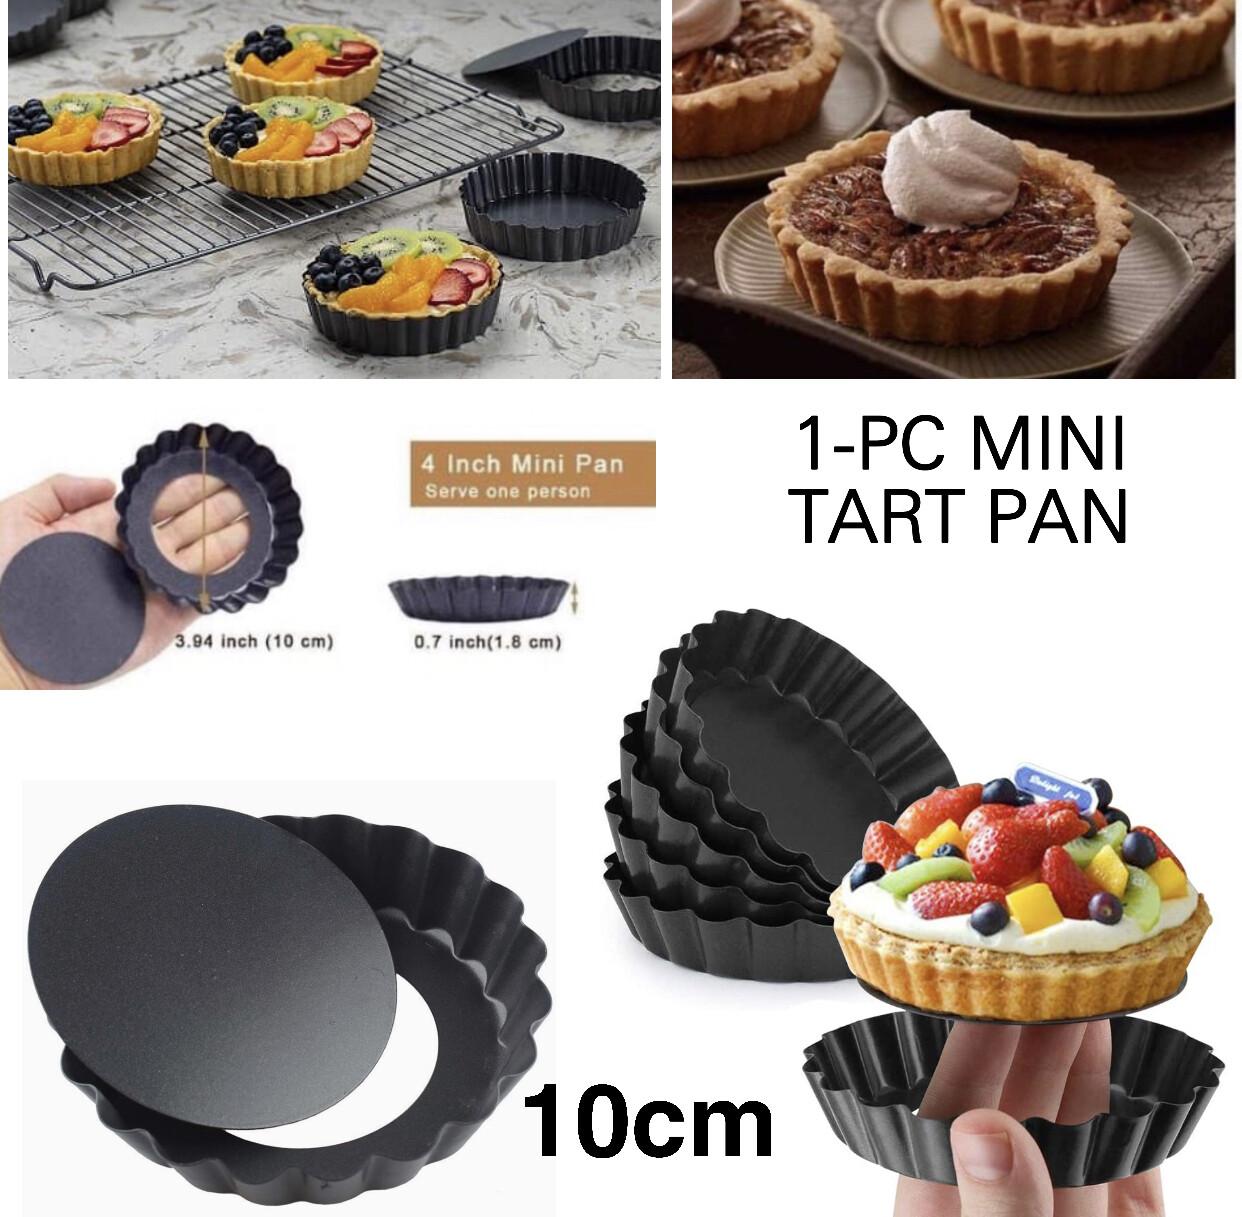 1-Pc Tart Pan 10cm